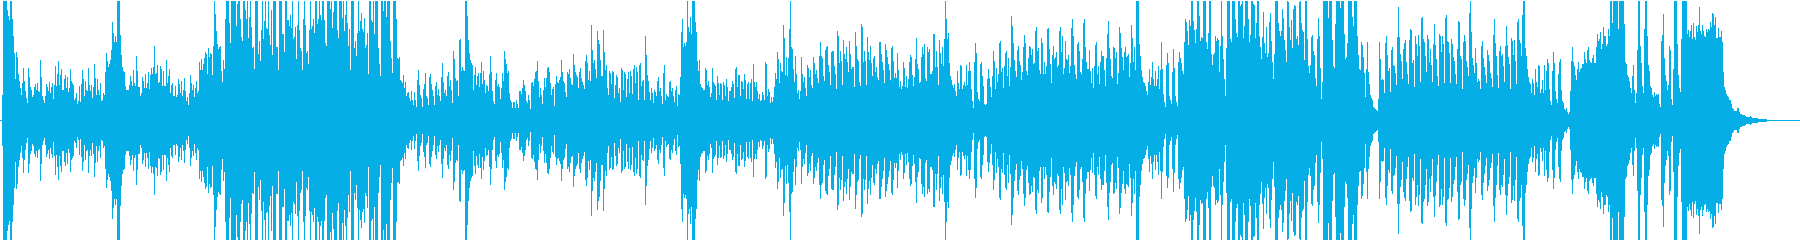 トリッチトラッチポルカの再生済みの波形